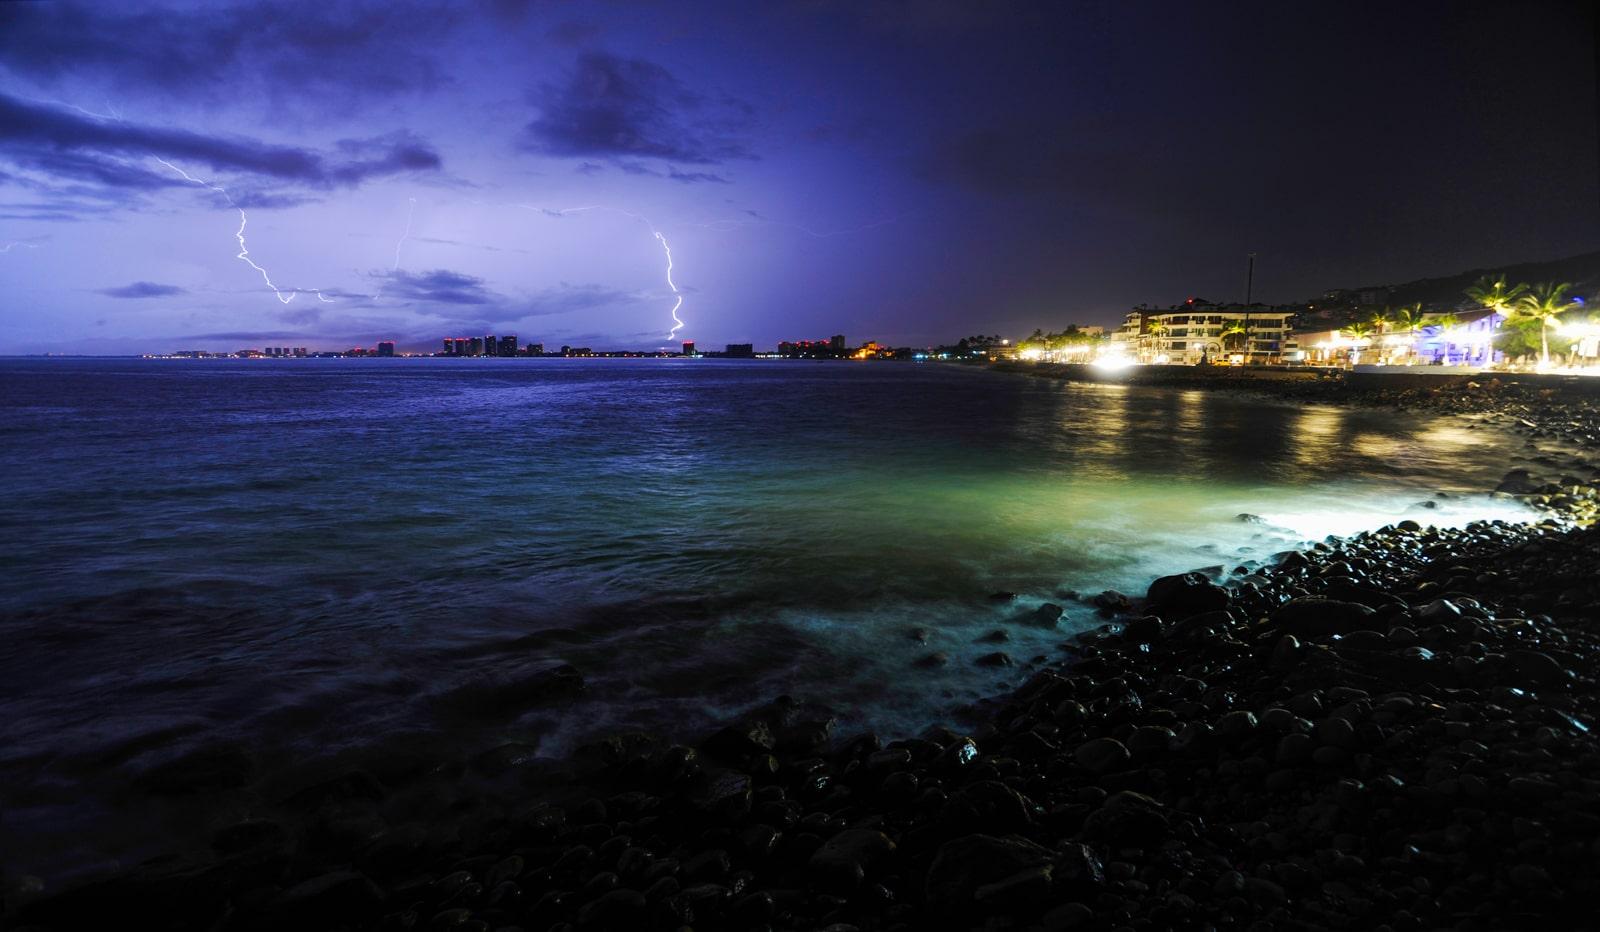 fotografía de un rayo sobre una playa